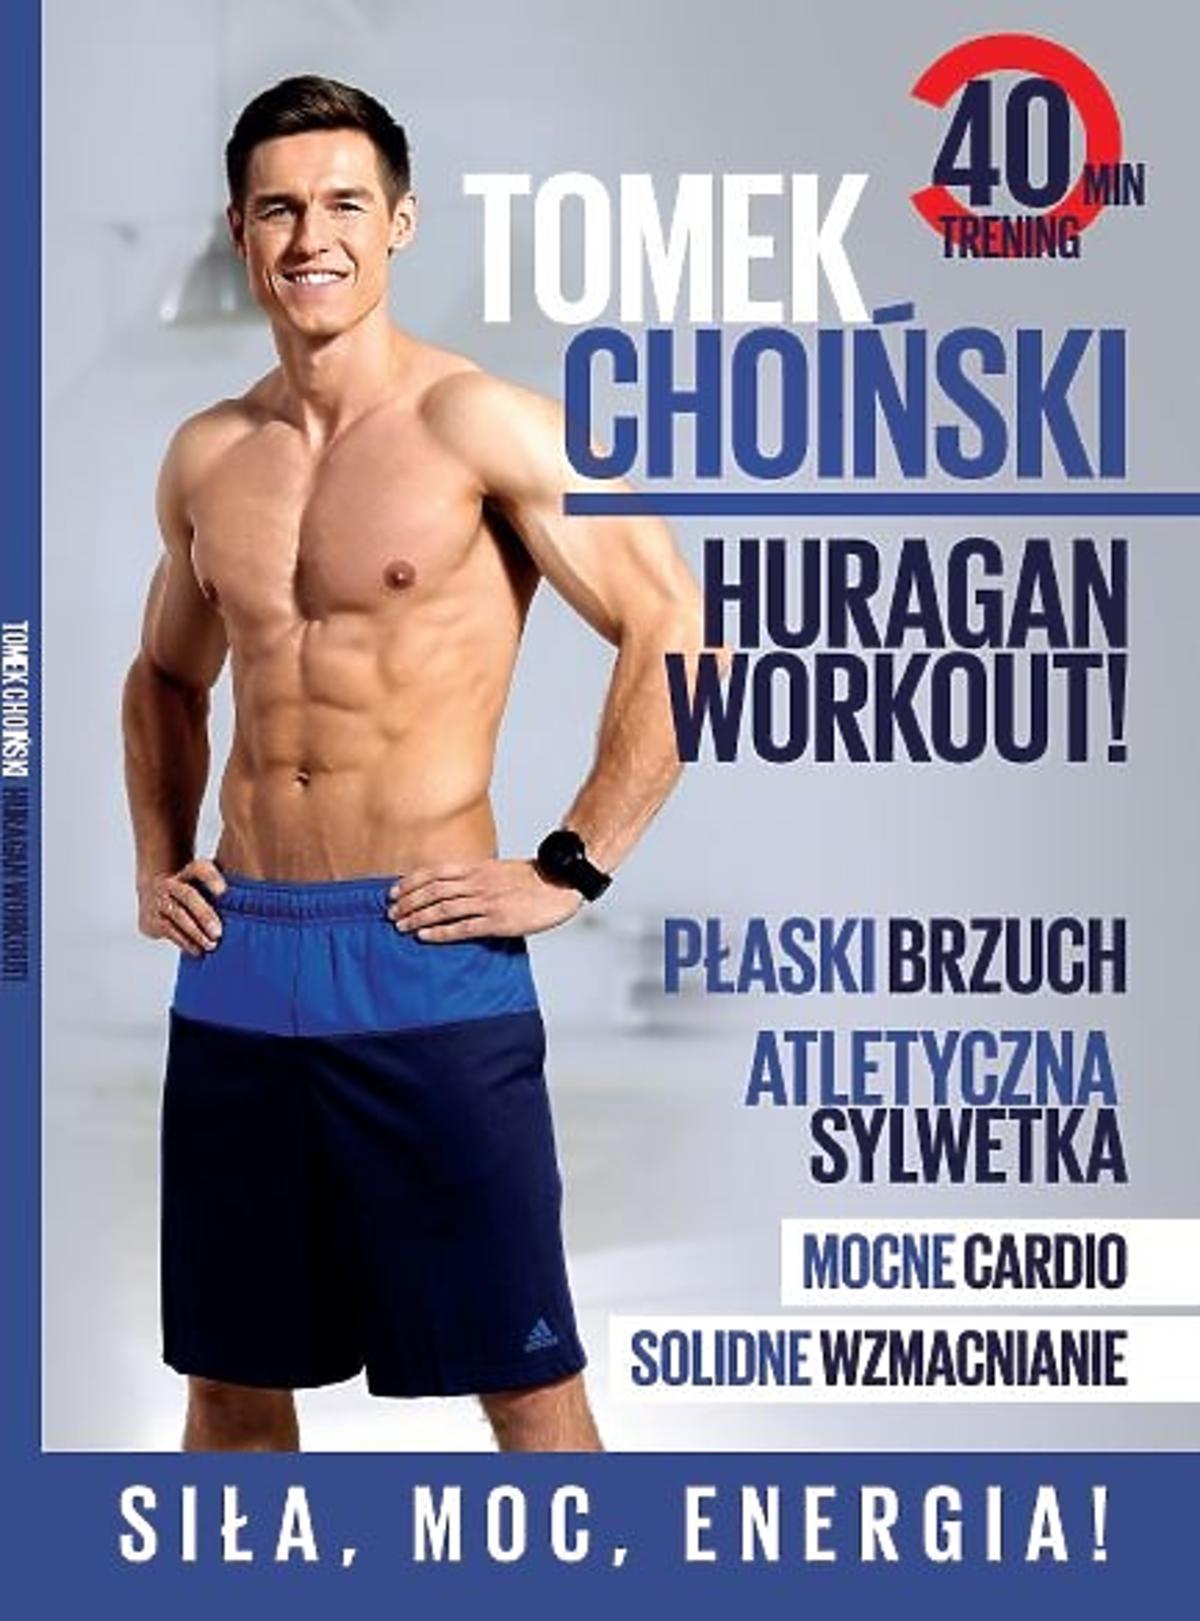 Co nowego w lutowym Be Active? Płyta DVD Tomka Choińskiego